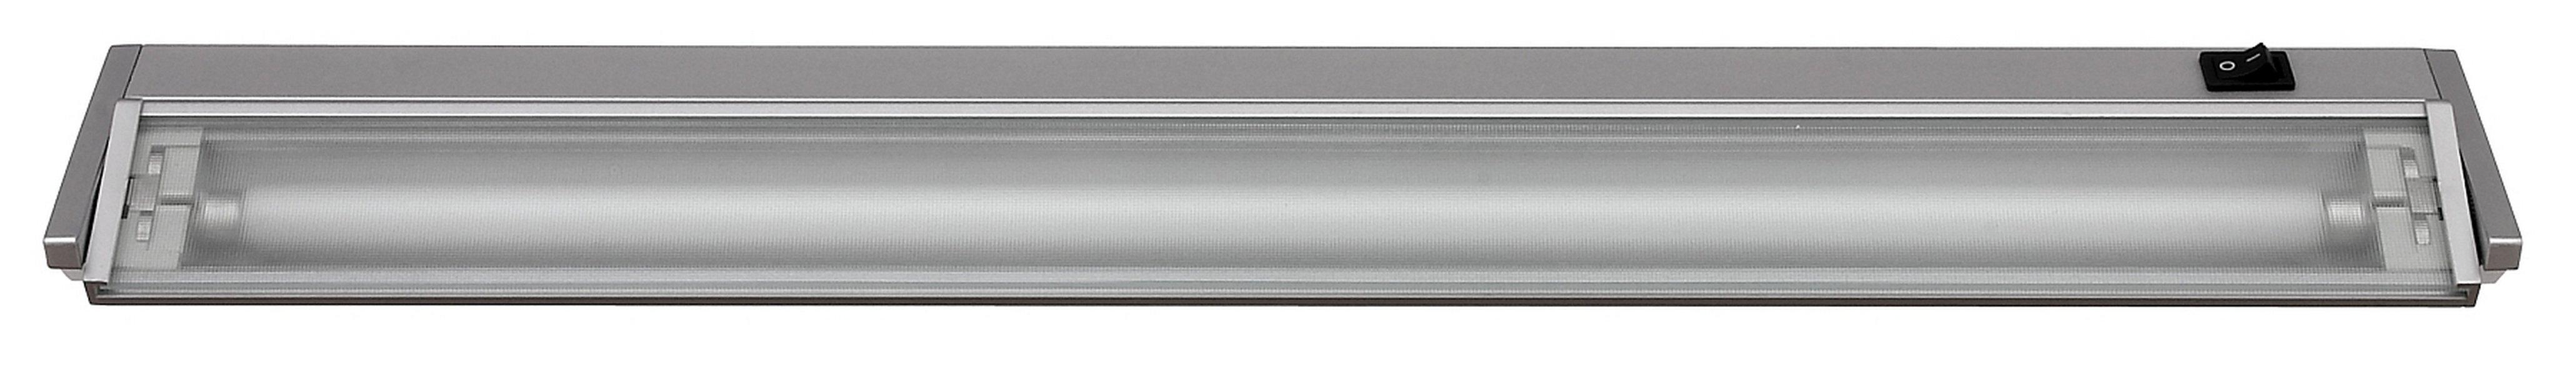 RABALUX 2365 Easy light kuchyňské svítidlo + 3 roky záruka ZDARMA!